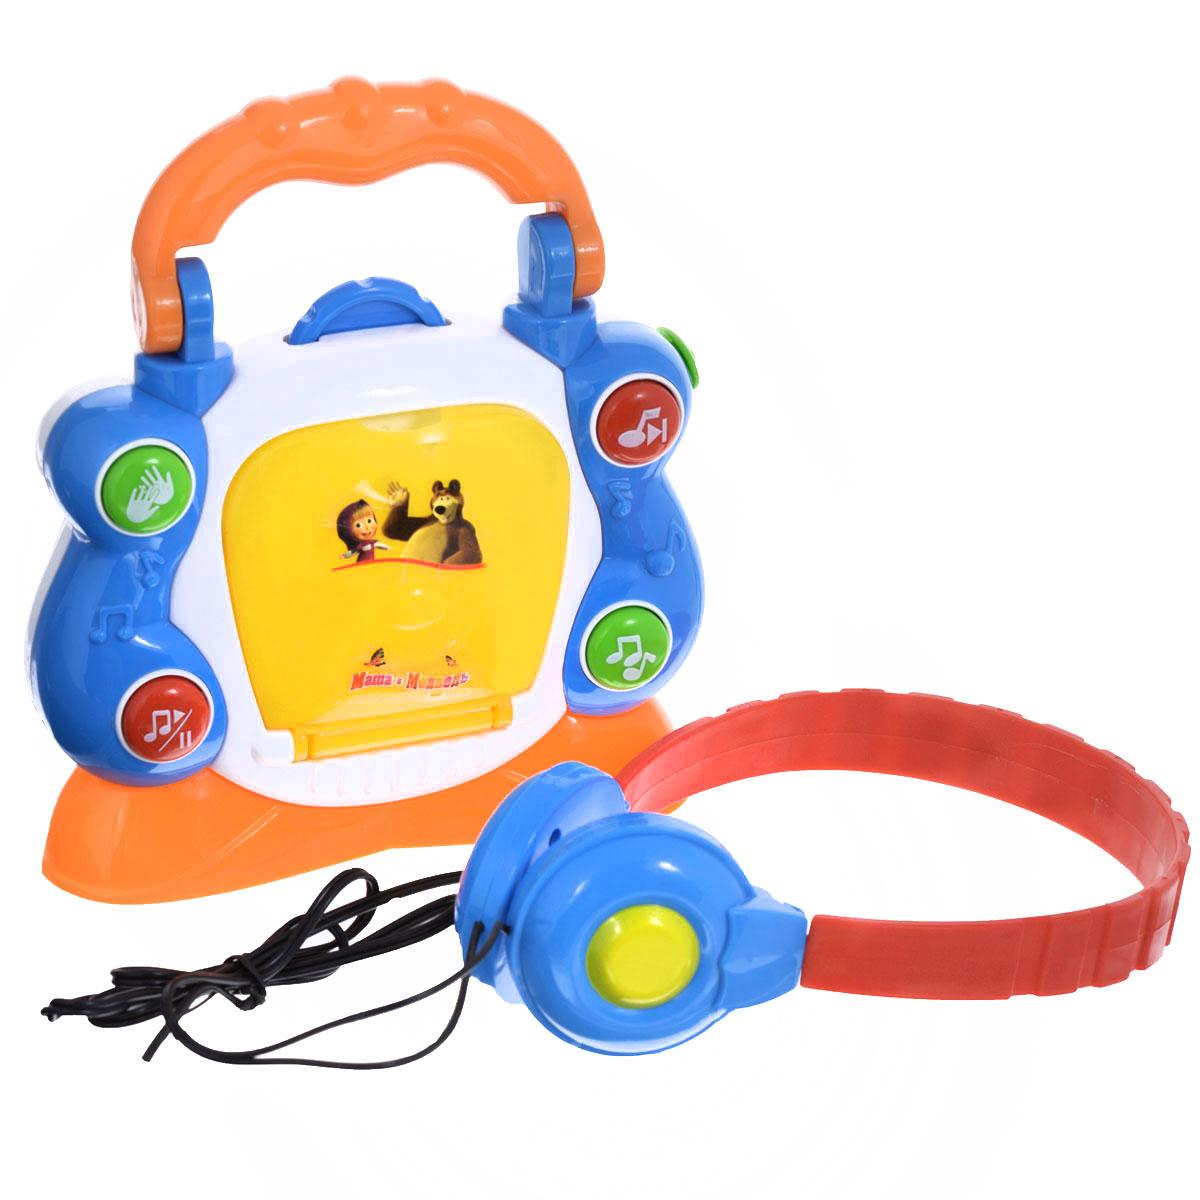 Музыкальная игрушка Играем вместе Электронный CD-плеерWS502Музыкальная игрушка Играем вместе Электронный CD-плеер приведет в восторг любого малыша. Она позволит малышу почувствовать себя совсем взрослым - ведь у него теперь будет собственный CD-плеер. Плеер выполнен из прочного пластика и имеет удобную ручку для переноски. В комплект также входят наушники и 3 пластиковых диска, которые помещаются в контейнер на фронтальной части плеера. Плеер имеет 4 яркие кнопочки, при нажатии на которые раздадутся бурные аплодисменты, зазвучит веселая мелодия или одна из 3 песенок из мультфильма Маша и Медведь. Кнопка Пауза позволяет приостановить воспроизведение музыки. На верхней стороне плеера расположено вращающееся колесико. Игрушка имеет красочный дизайн, а яркие цвета подарят малышу хорошее настроение. Играя с такой игрушкой, ребенок сможет развить цветовое восприятие, мелкую моторику рук, тактильную чувствительность, а также музыкальный слух и чувство ритма. Веселые песенки порадуют малыша и надолго увлекут его. ...